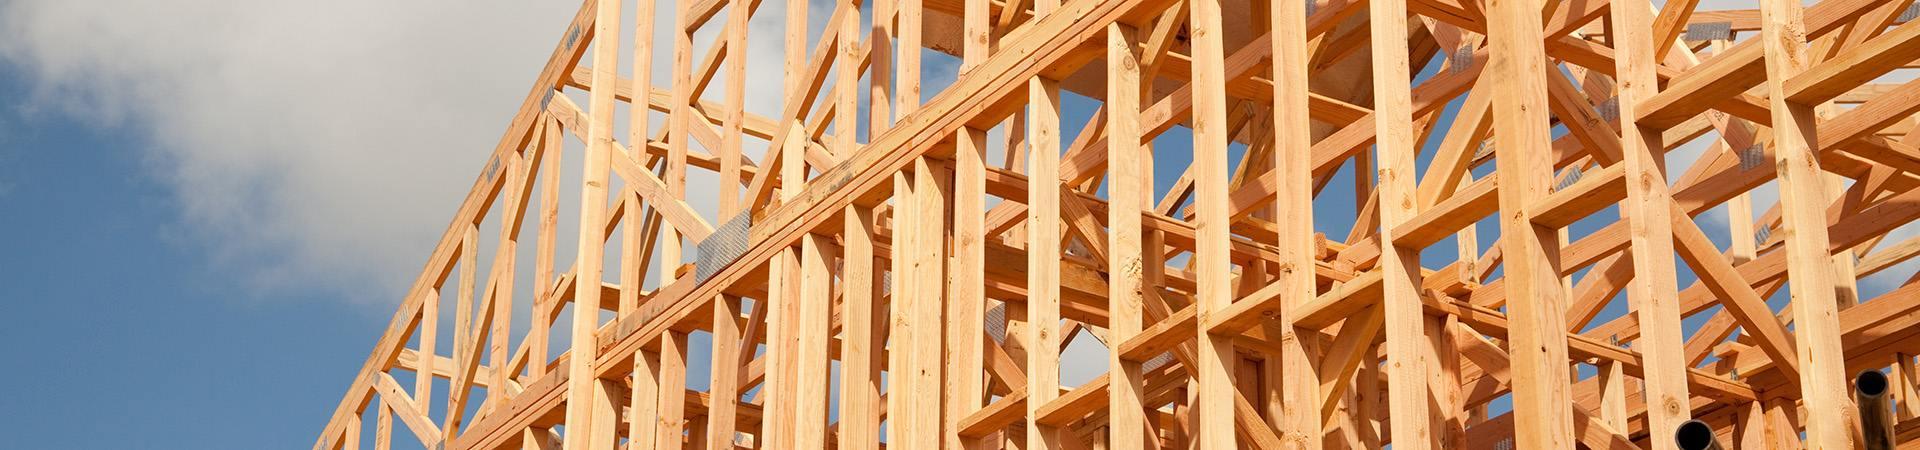 Insurance Claims in Northbrook, Evanston, Deerfield